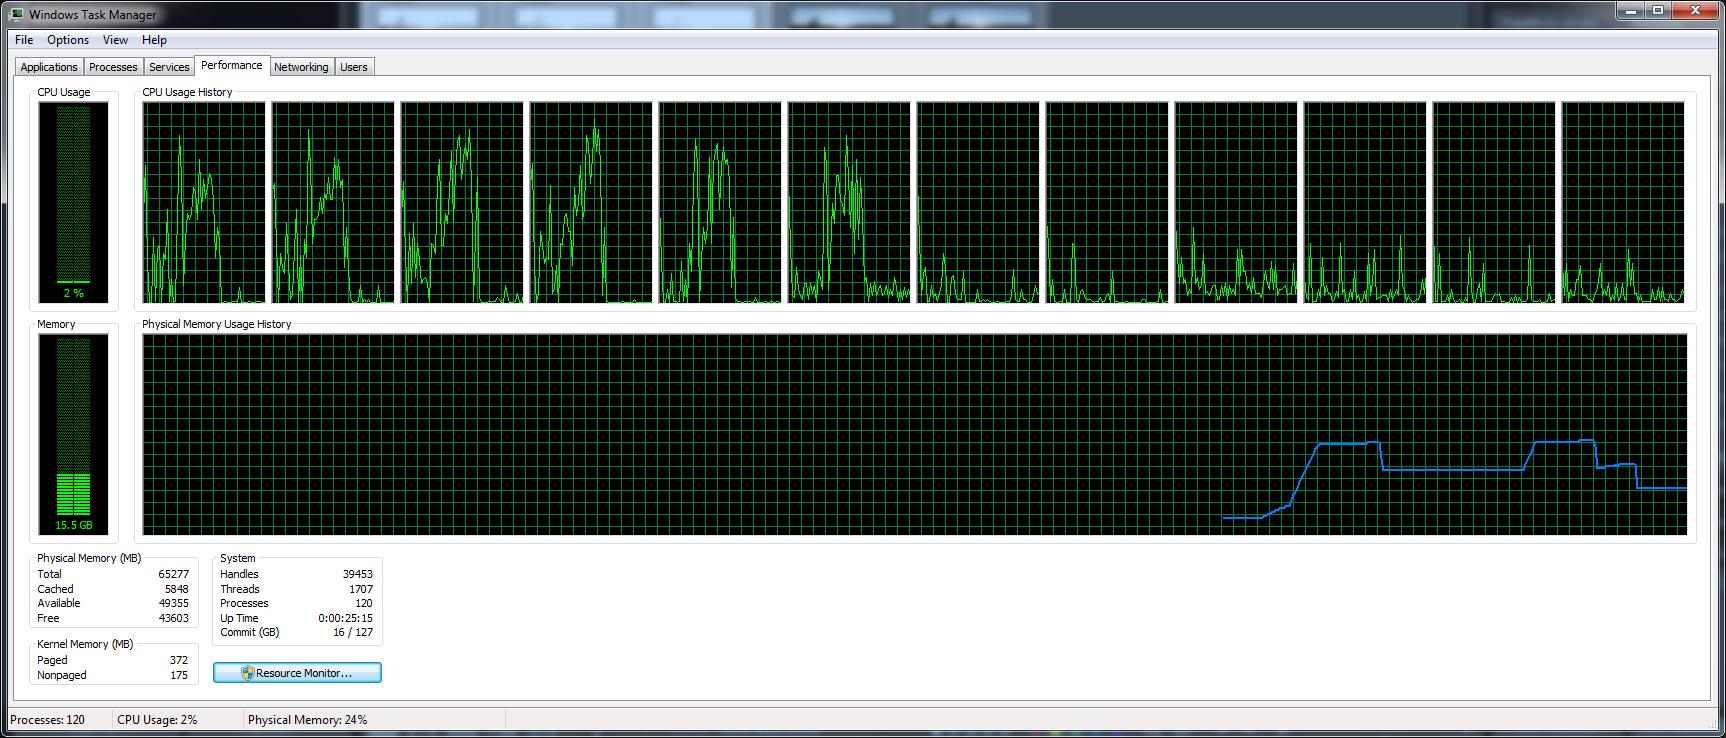 Pillole di Fotografia  LR7.2_Lenovo_HDR_TaskMan Nuovo LightRoom v7.2 ... Finalmente un pò di velocità!